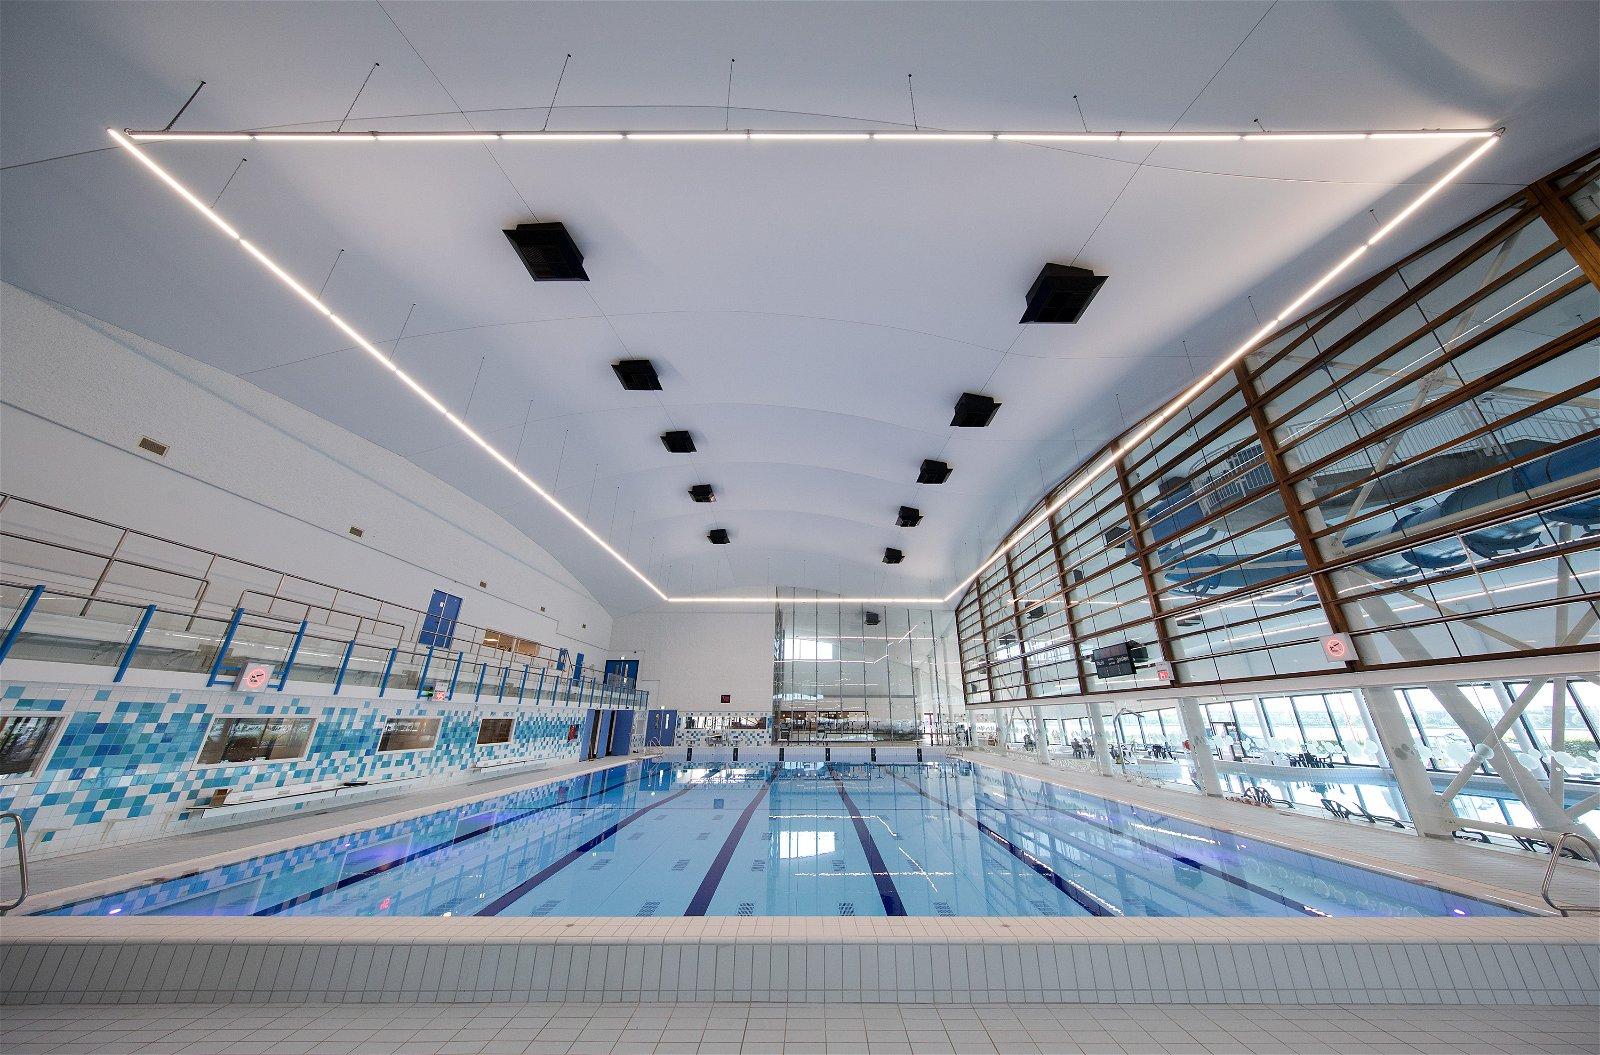 Modernisering zwembad als uitdaging